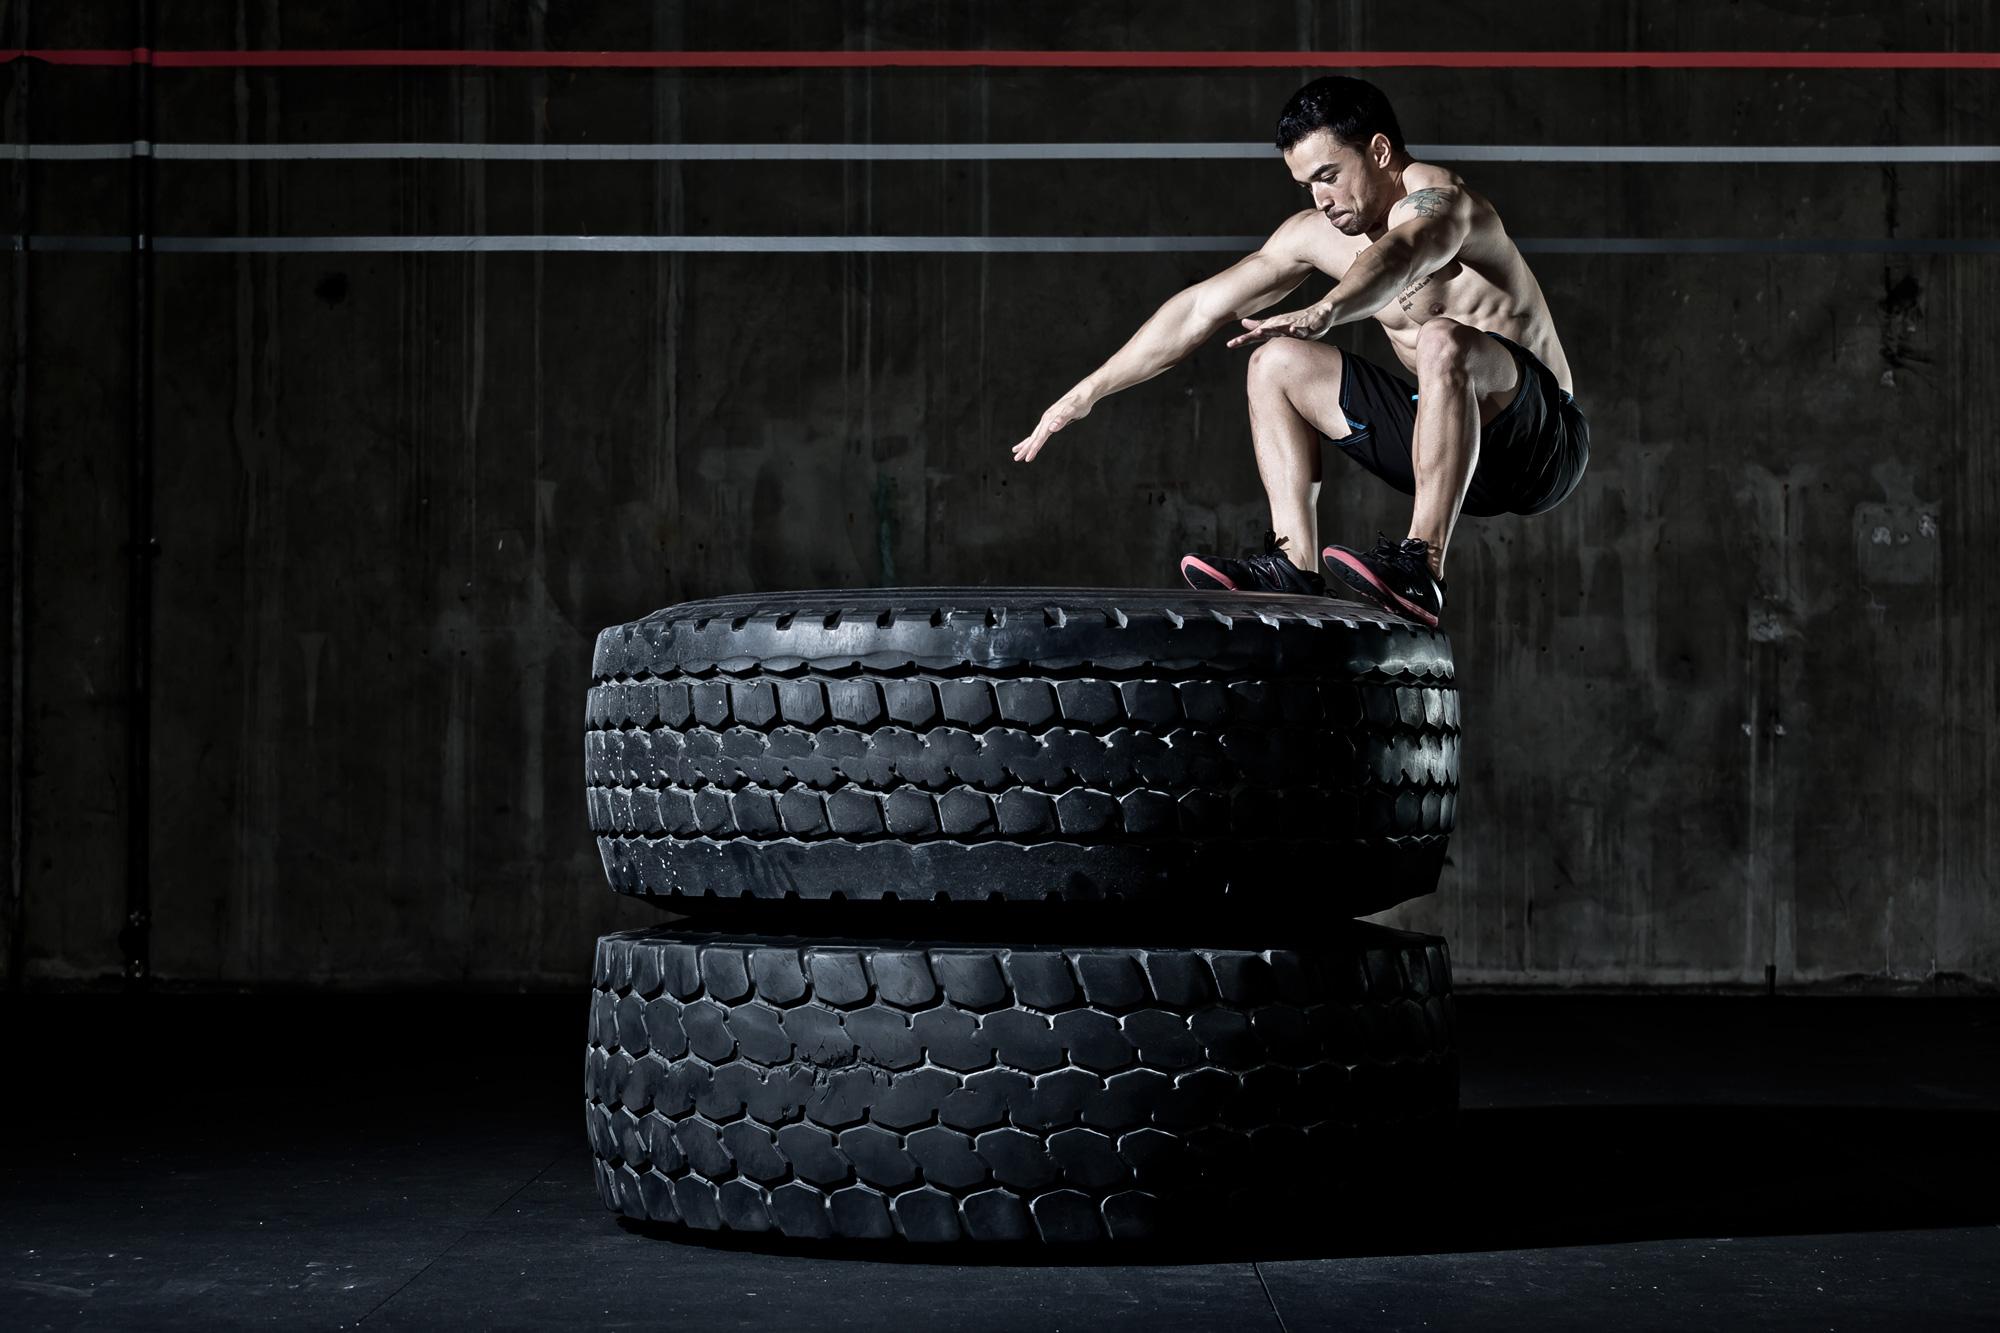 Salto sobre pneus